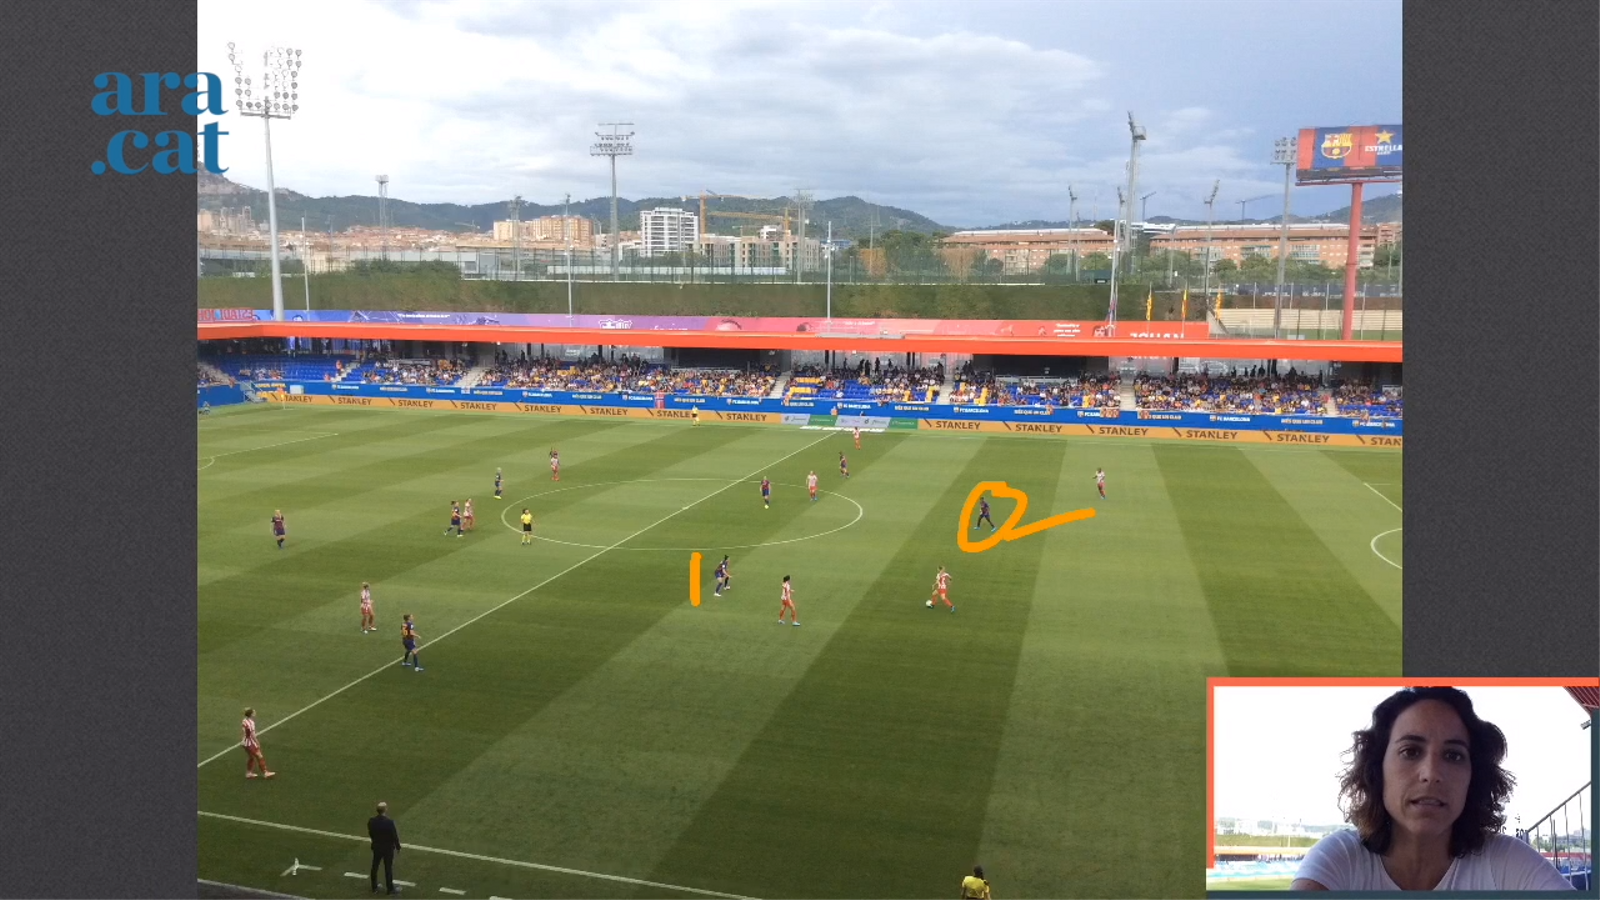 L'anàlisi en vídeo del Barça 6-1 Atlètic de la Primera Iberdrola